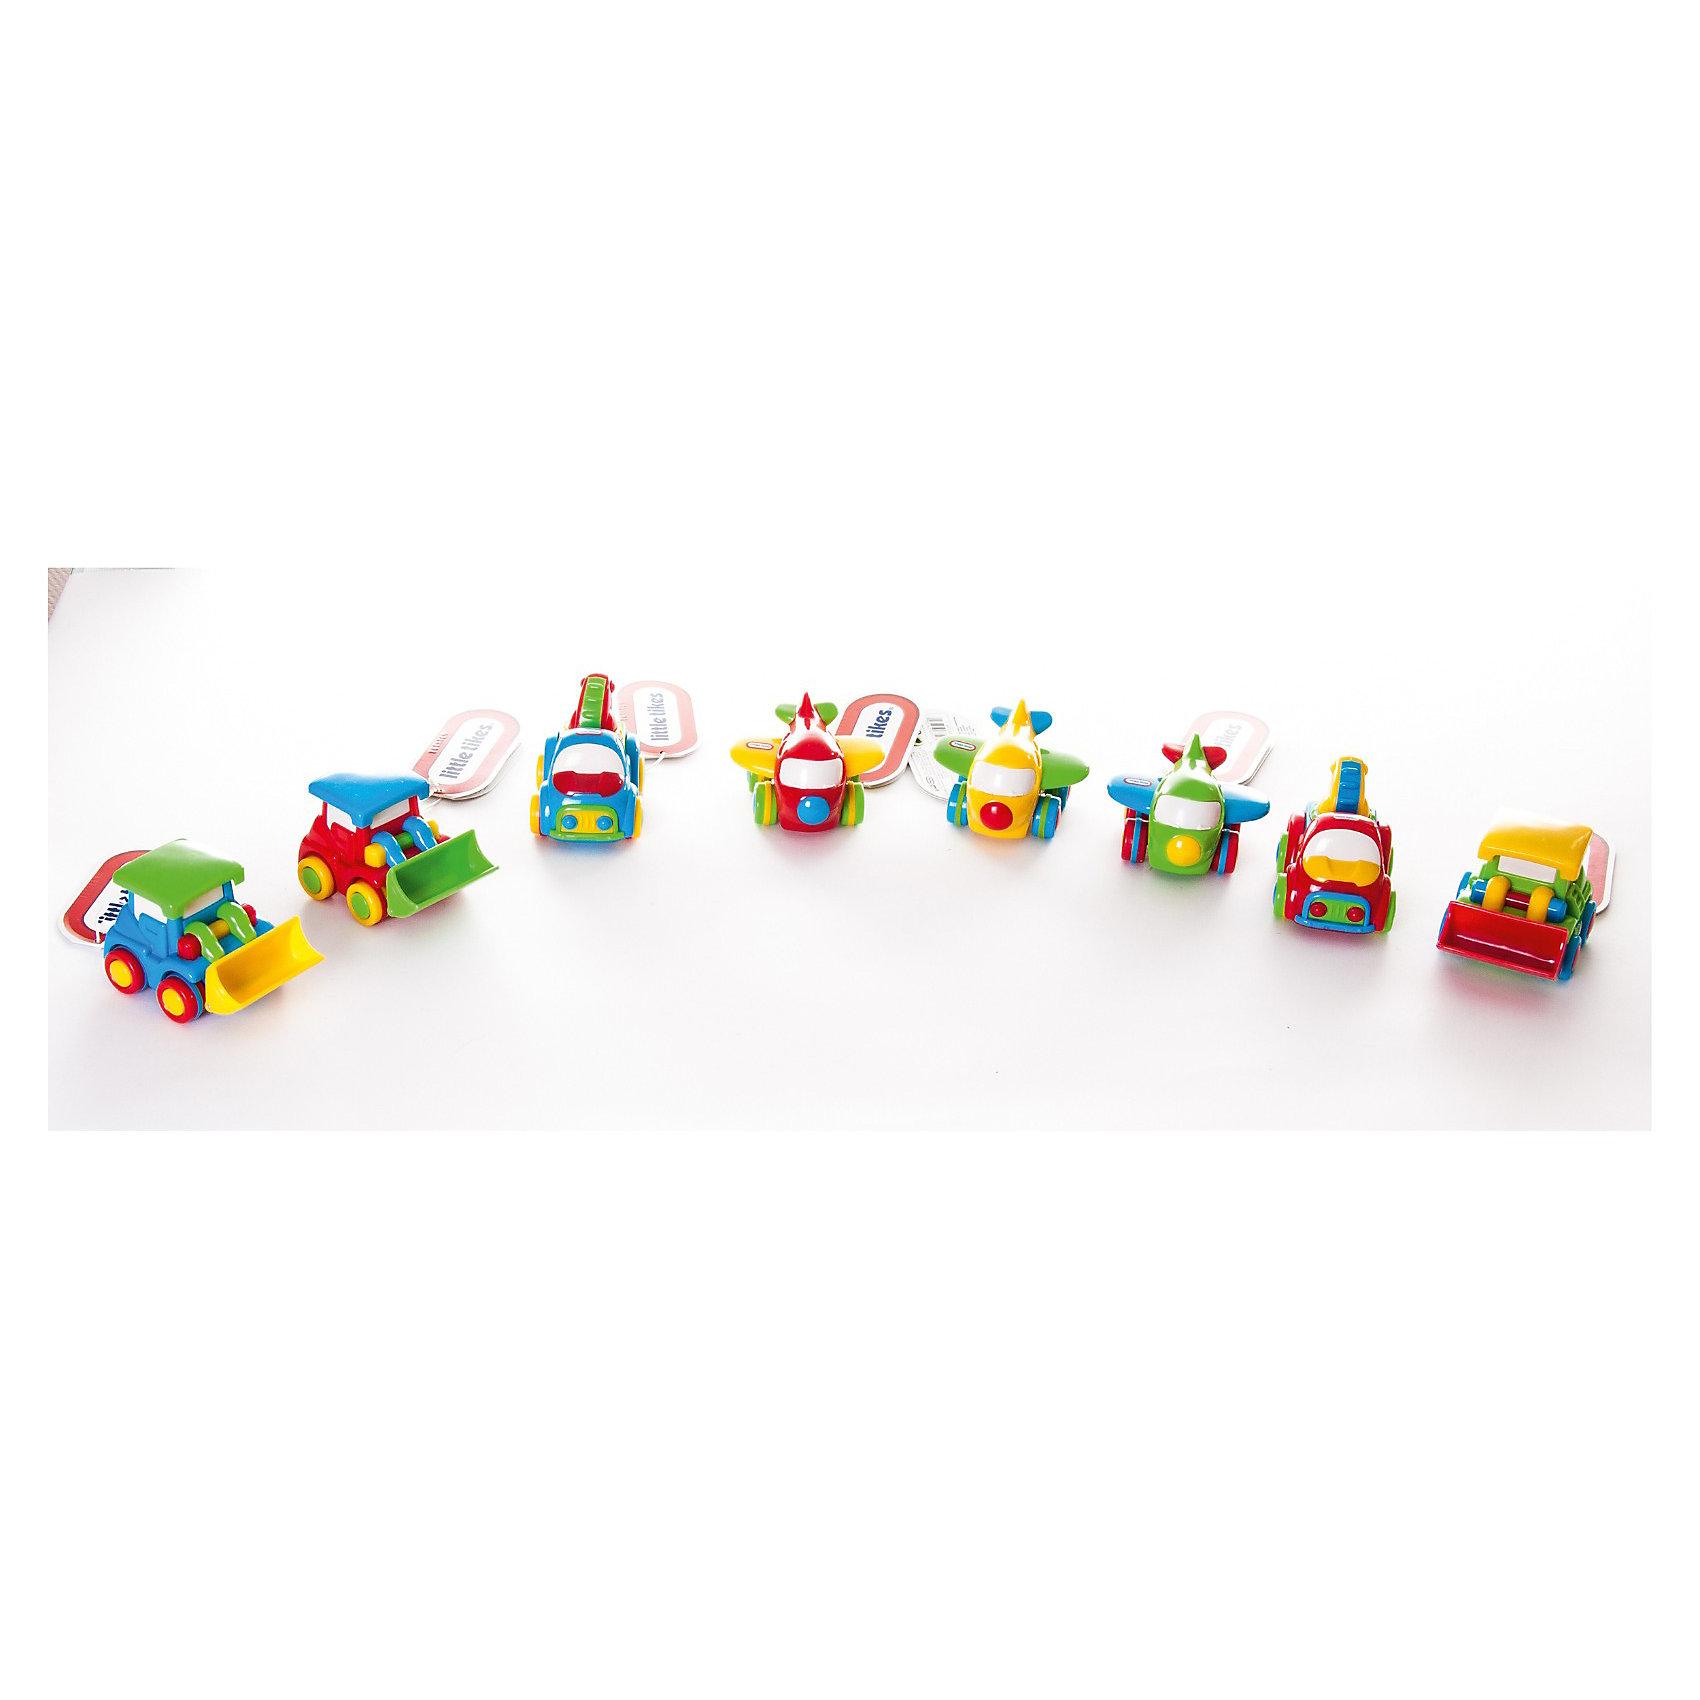 Транспорт, Little Tikes, в ассортиментеТранспорт, Little Tikes (Литл Тайкс) – это симпатичная яркая игрушка, которая станет приятным сюрпризом для Вашего малыша. <br><br>Игрушка представлена в ассортименте и имеется 6 различных видов транспортных средств: трактор, самолет, поезд, гоночная машина, цементовоз или  эвакуатор. Но независимо от вида - игрушка отличается ярким дизайном, превосходным исполнением и безопасностью. Подтолкните их, и  они поедут практически бесшумно благодаря технологии «Push and Go». Машинки удобно держать в руке. Для большей безопасности у машинок скругленные формы.<br><br>Дополнительная информация:<br><br>- Возраст: для детей от 1 года<br>- Размер: 6,5 х 8,5 х 6 см.<br>- Вес: 118 гр.<br>ВНИМАНИЕ! Данный товар представлен в ассортименте и имеется 6 вариантов исполнения игрушки. К сожалению, предварительный выбор определенного вида игрушки невозможен. При заказе нескольких единиц данного товара возможно получение одинаковых.<br><br>Транспорт, Little Tikes (Литл Тайкс) можно купить в нашем интернет-магазине.<br><br>Ширина мм: 65<br>Глубина мм: 85<br>Высота мм: 60<br>Вес г: 118<br>Возраст от месяцев: 12<br>Возраст до месяцев: 36<br>Пол: Мужской<br>Возраст: Детский<br>SKU: 3624964